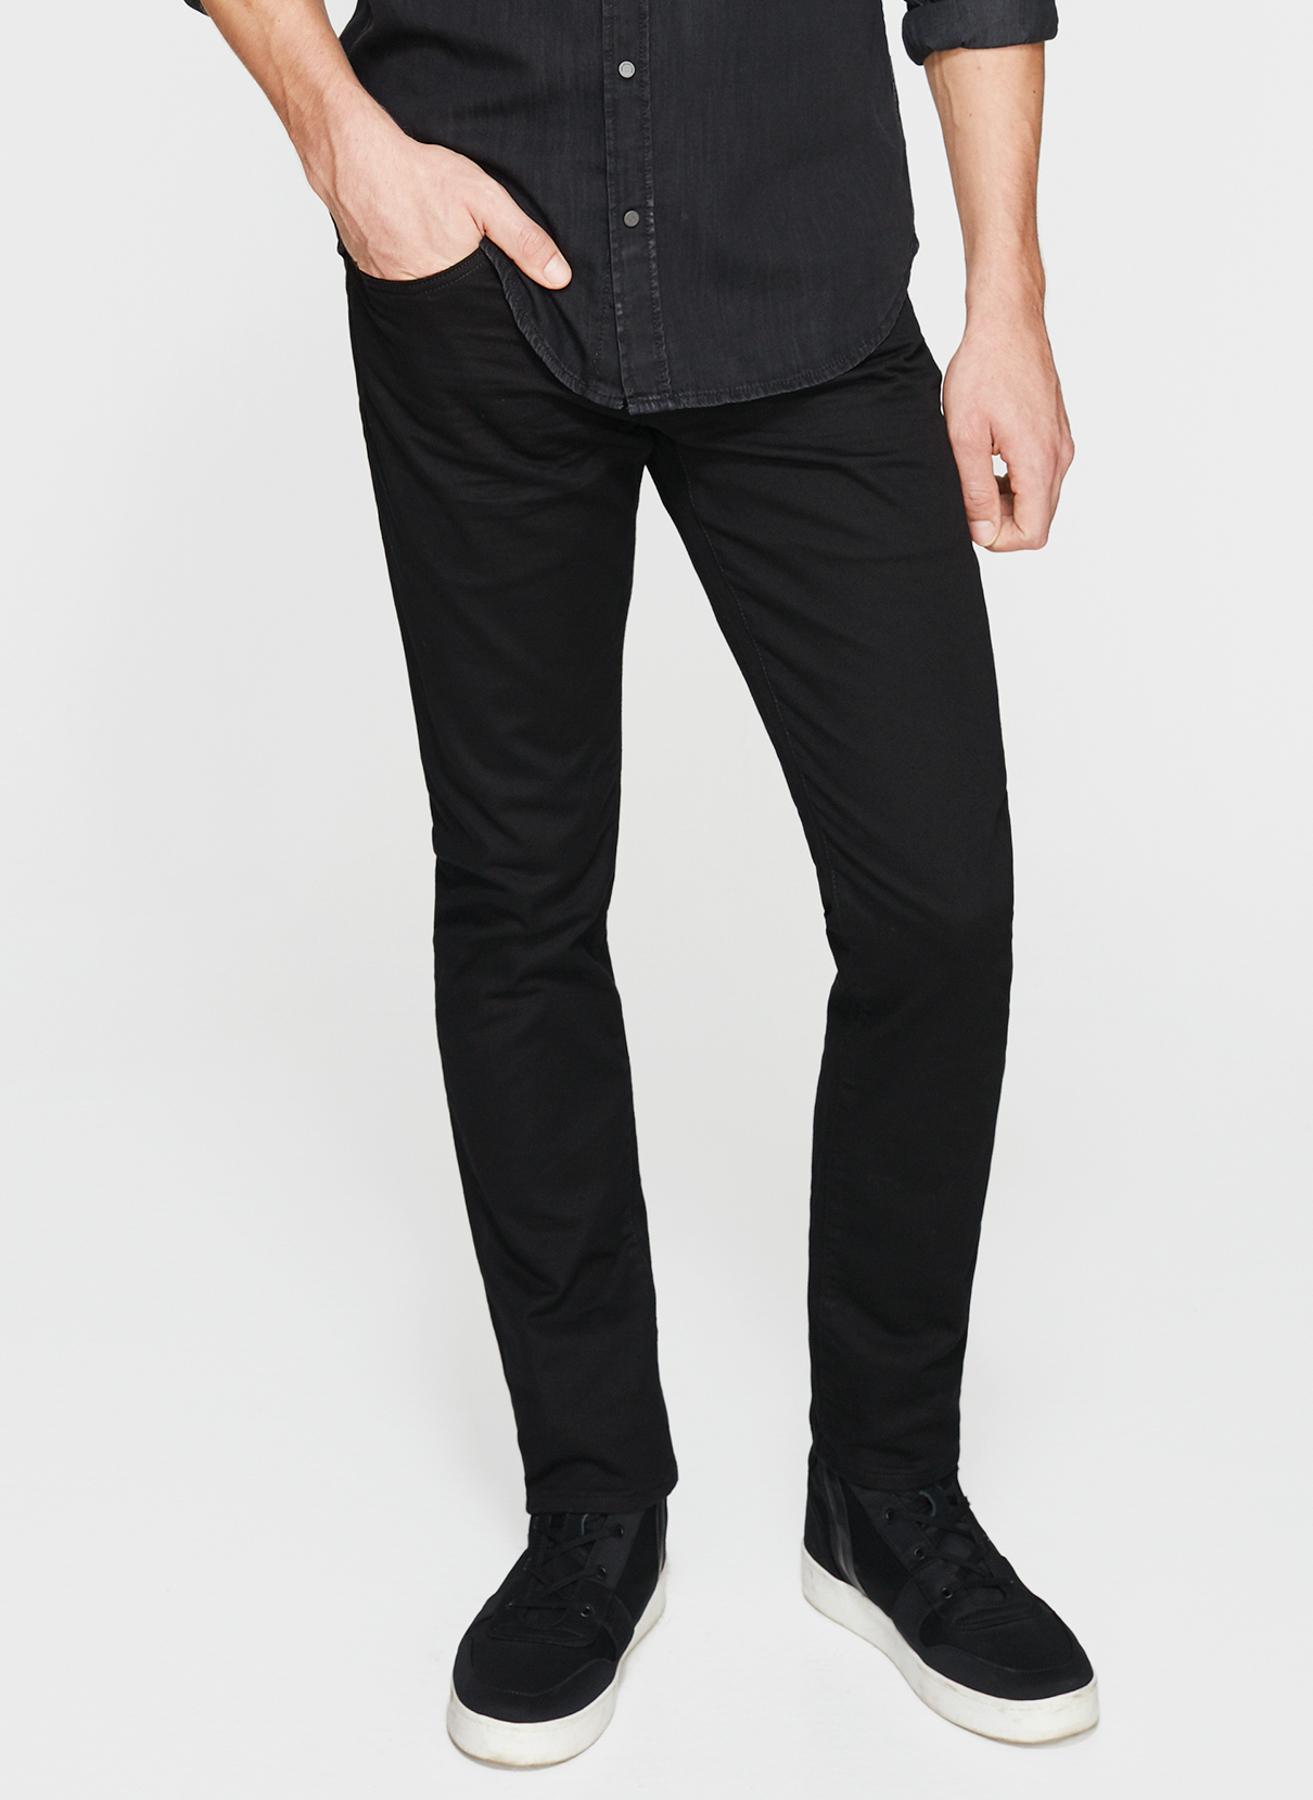 Mavi Siyah Klasik Pantolon 29-30 5001634323009 Ürün Resmi